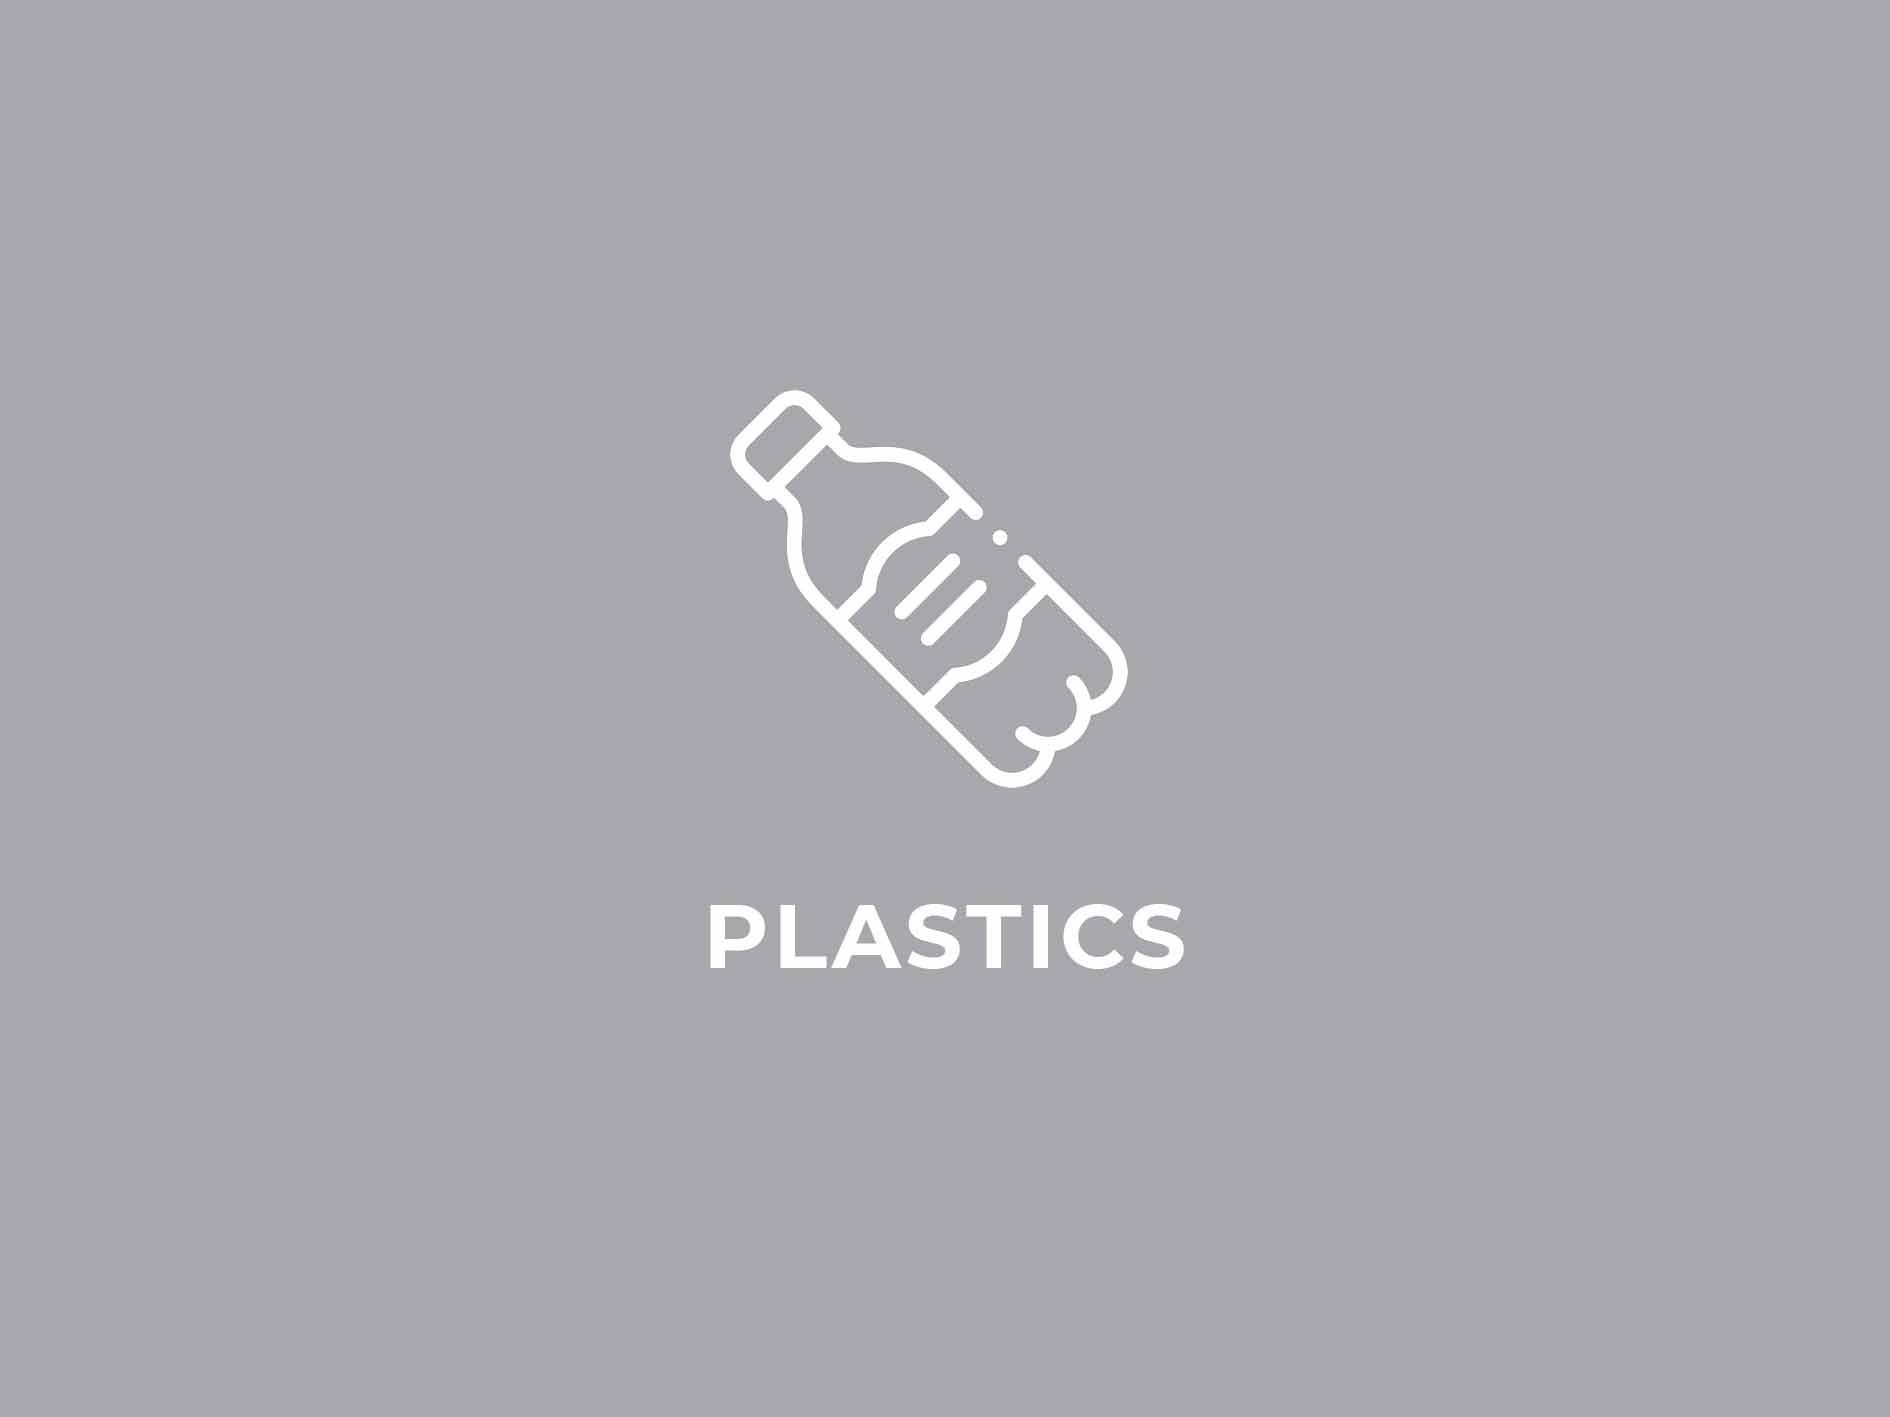 illustration of plastic bottle on grey backgound